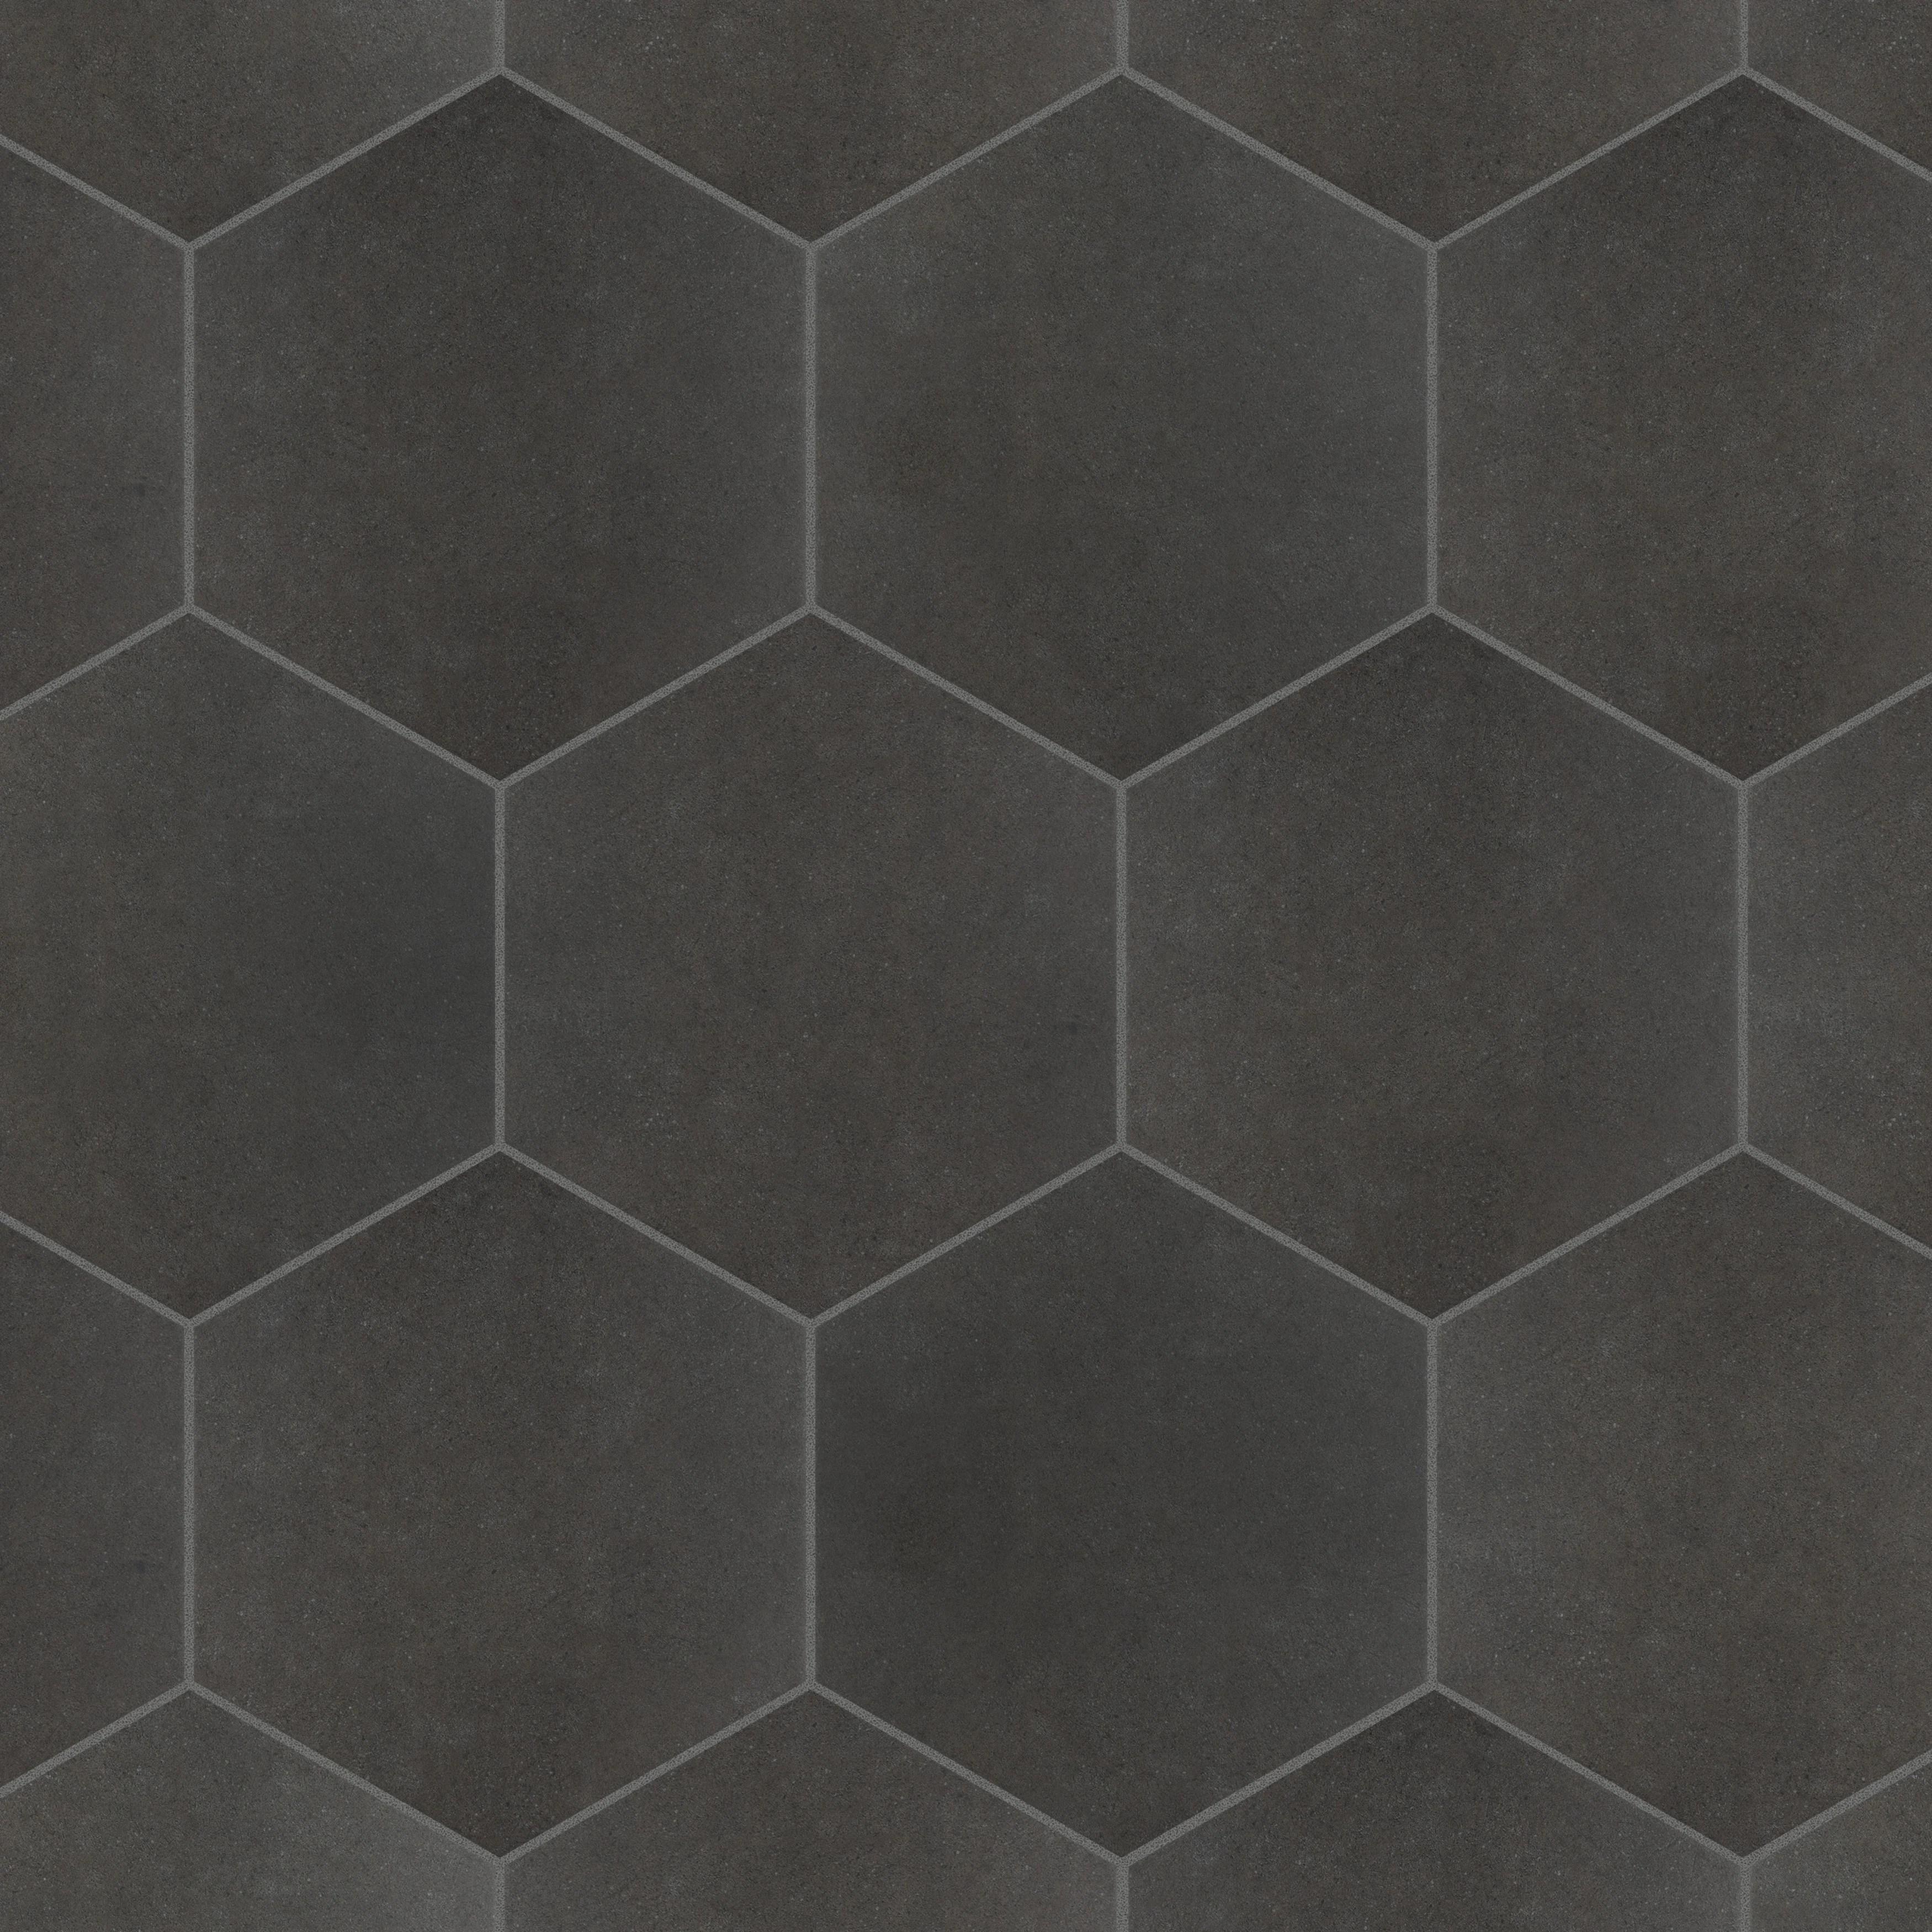 hexagon shower floor tiles wall tiles